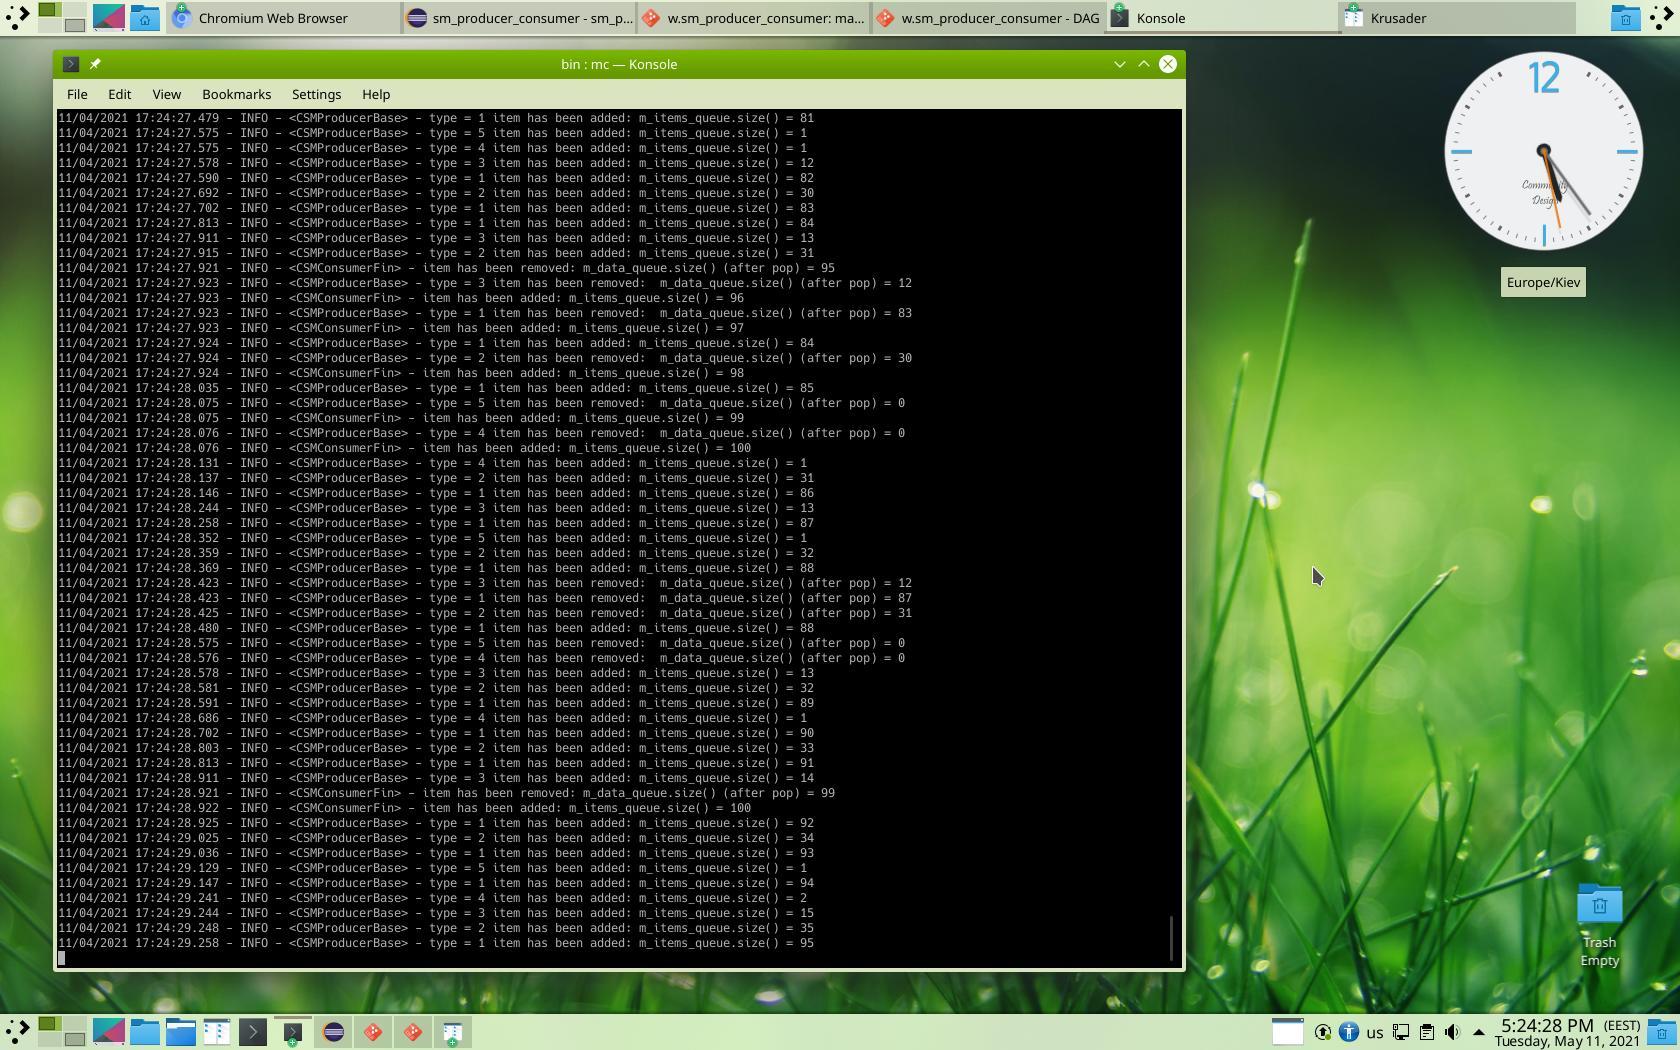 sm_producer_consumer.lnx.01.jpg